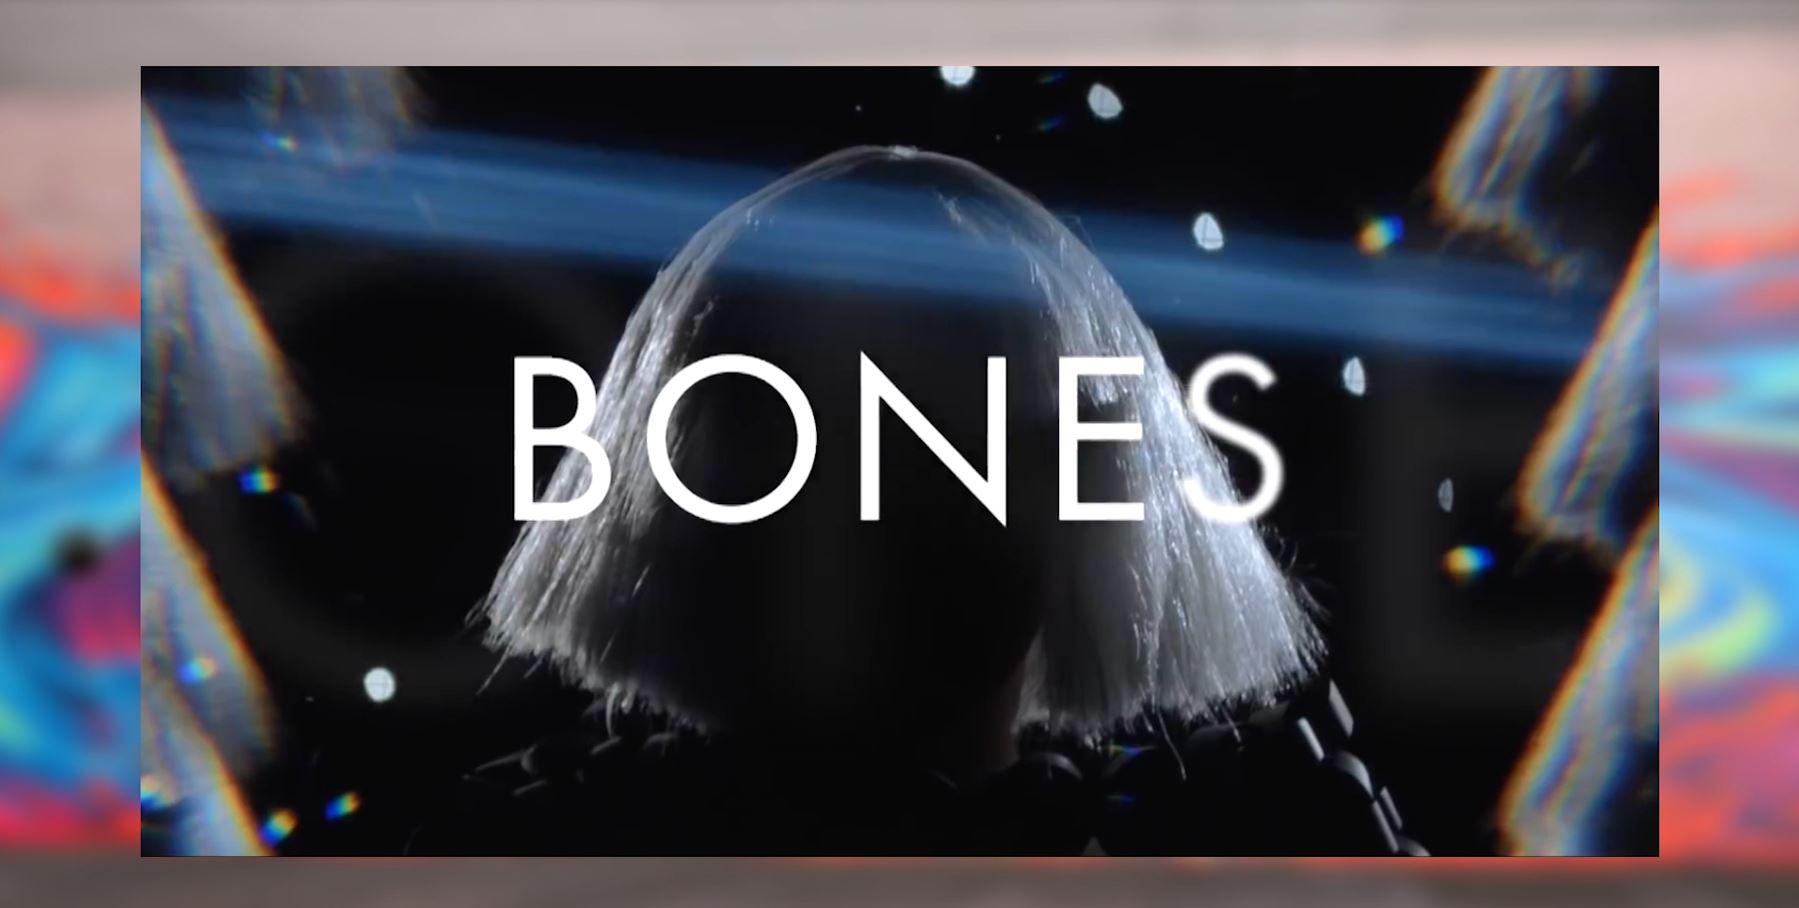 България, Евровизия 2018, Equinox, Bones is the new bulgarian song for Eurovision by the band Equinox.